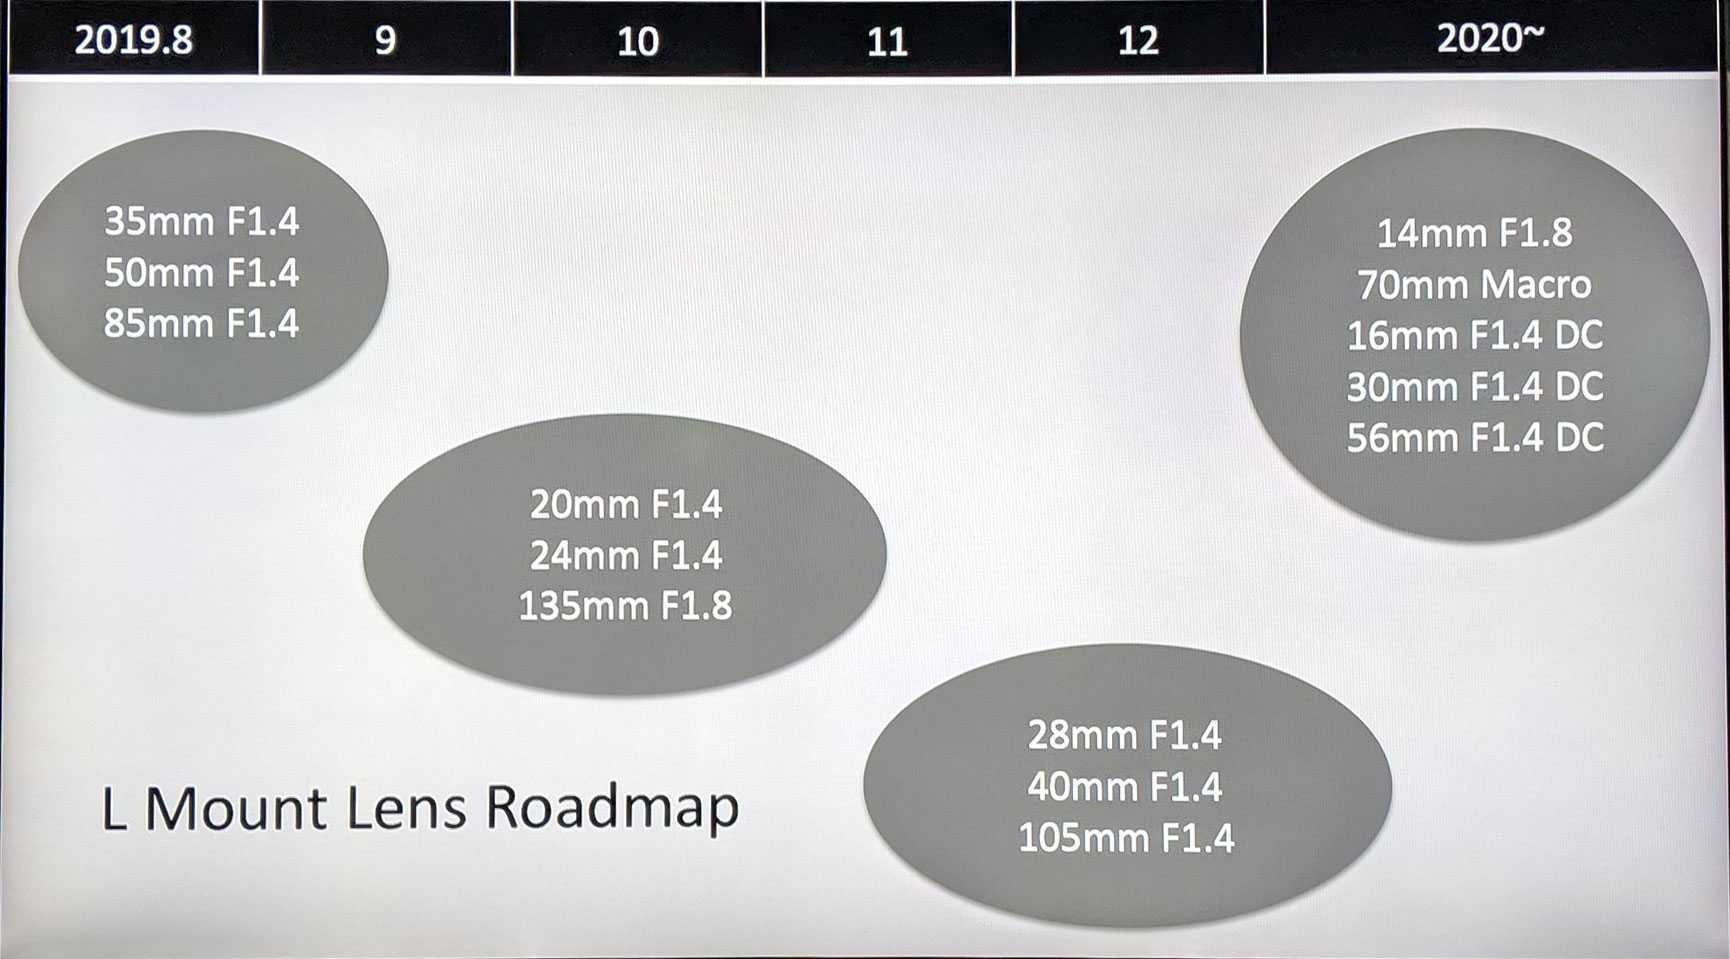 Тест камеры iphone 11 pro max профессиональным фотографом. андрей безукладников